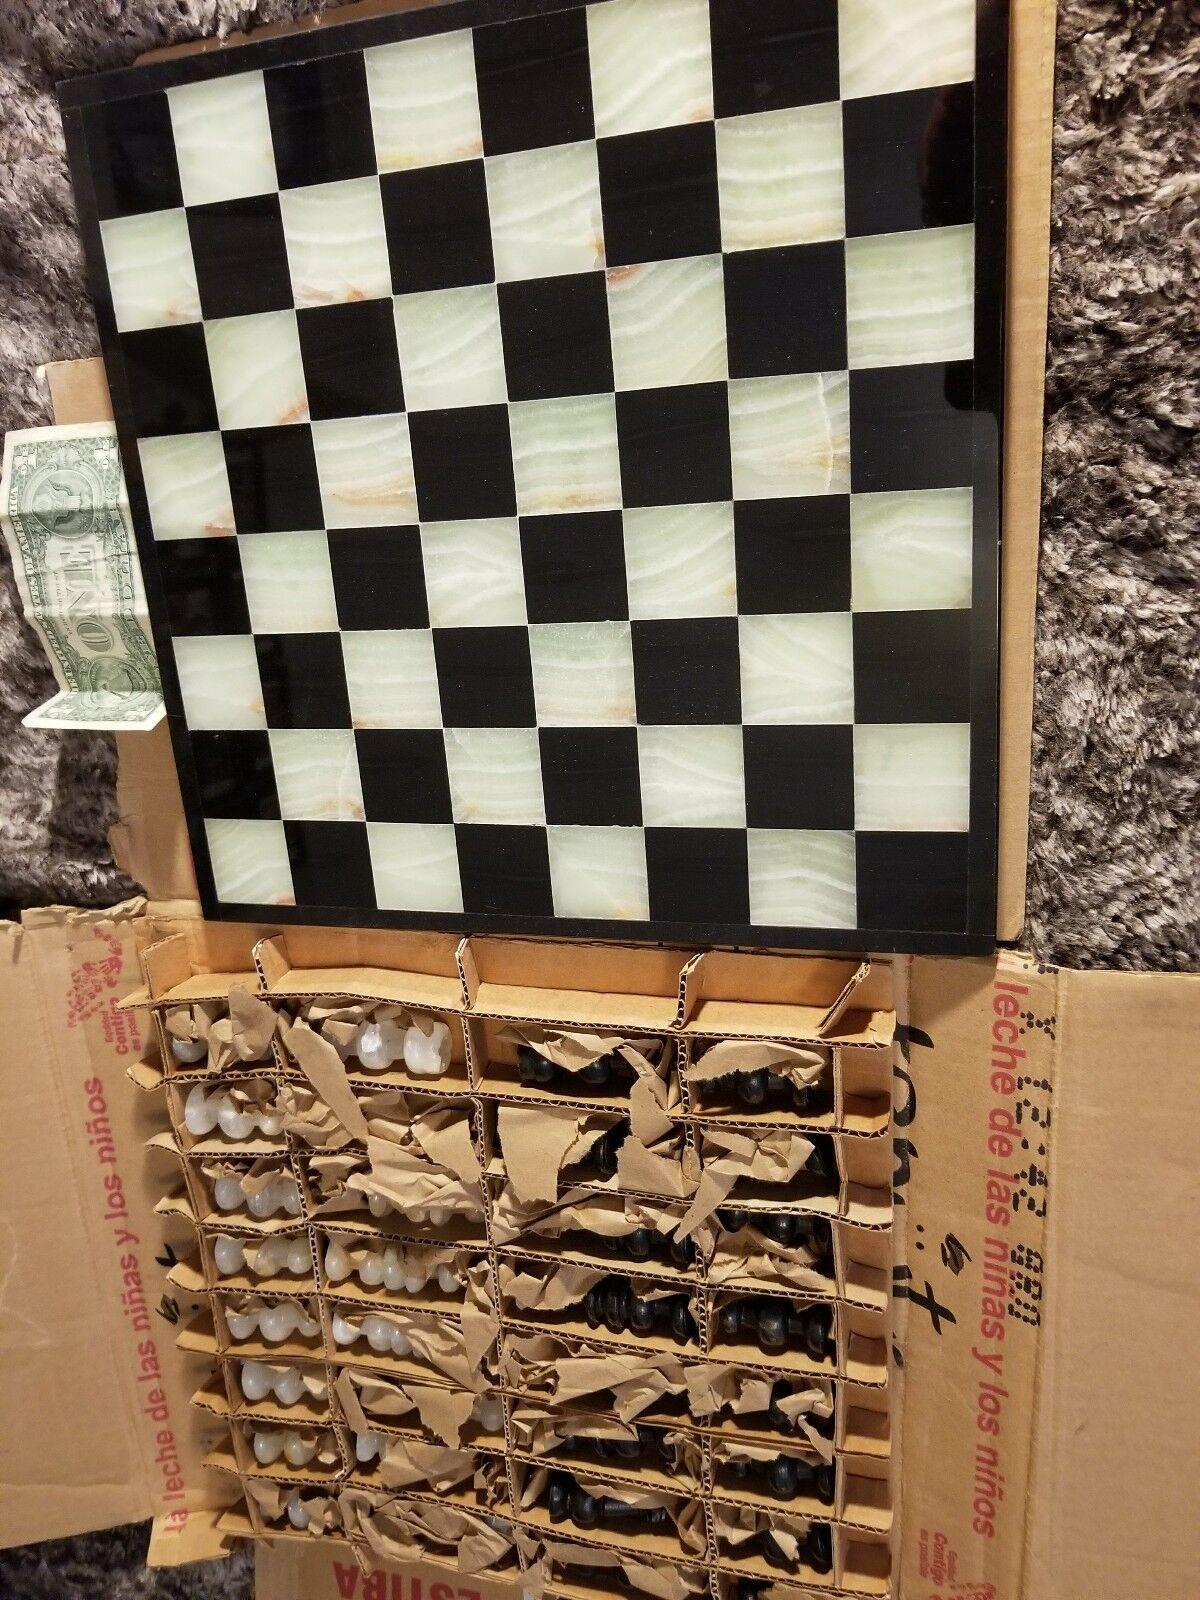 Juego de ajedrez de piedra